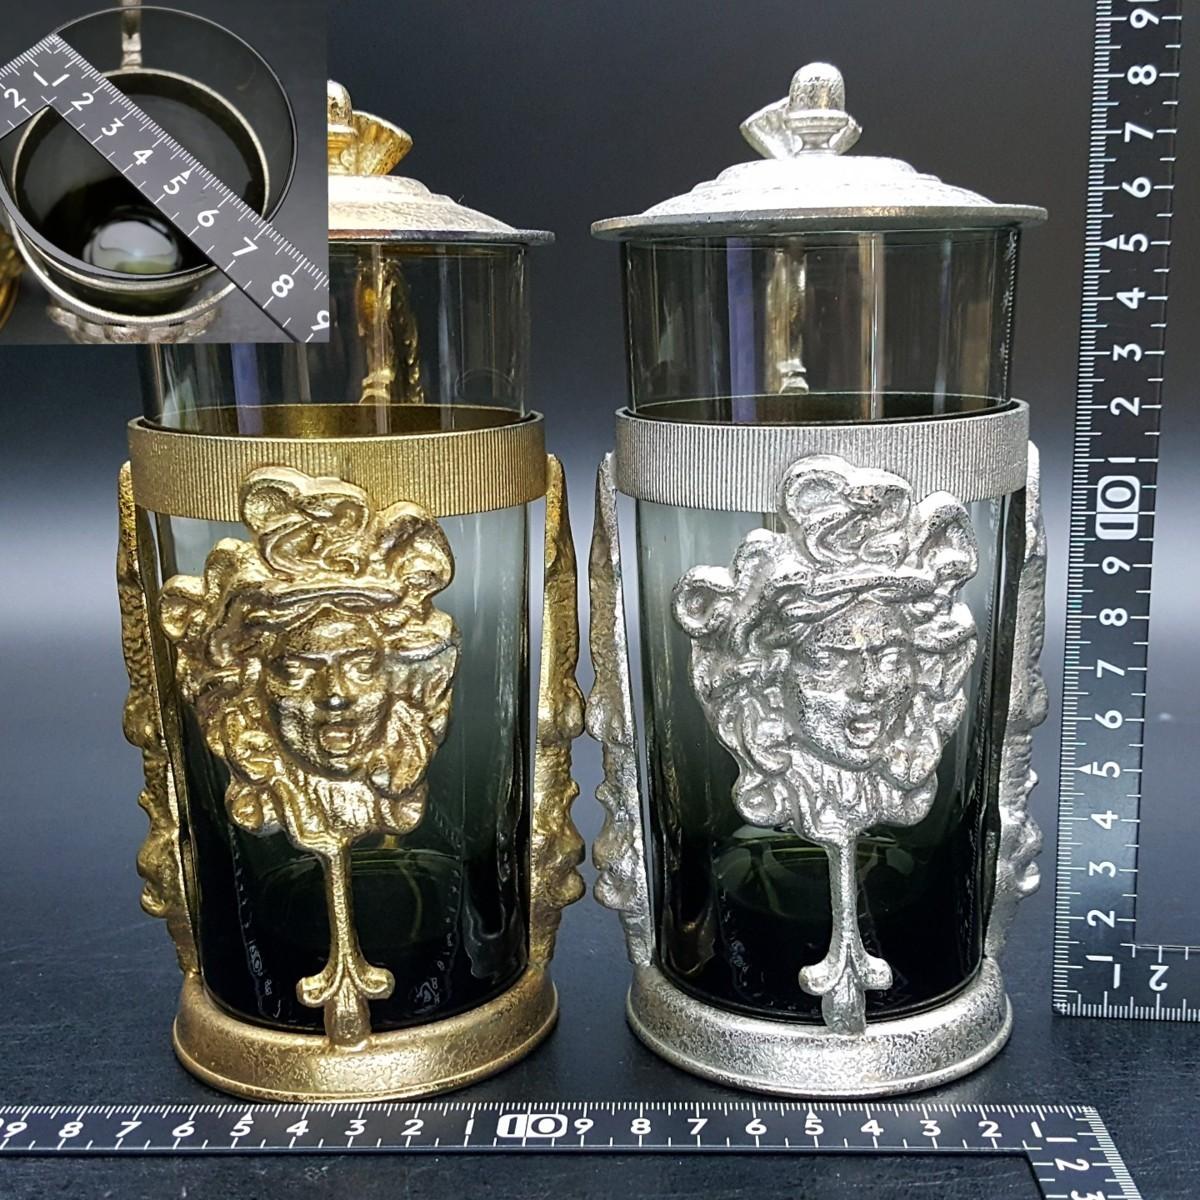 【宝蔵】アンティーク メデューサ メドゥーサ 金銀一対 蓋付グラス 一組 カップ コップ_画像10